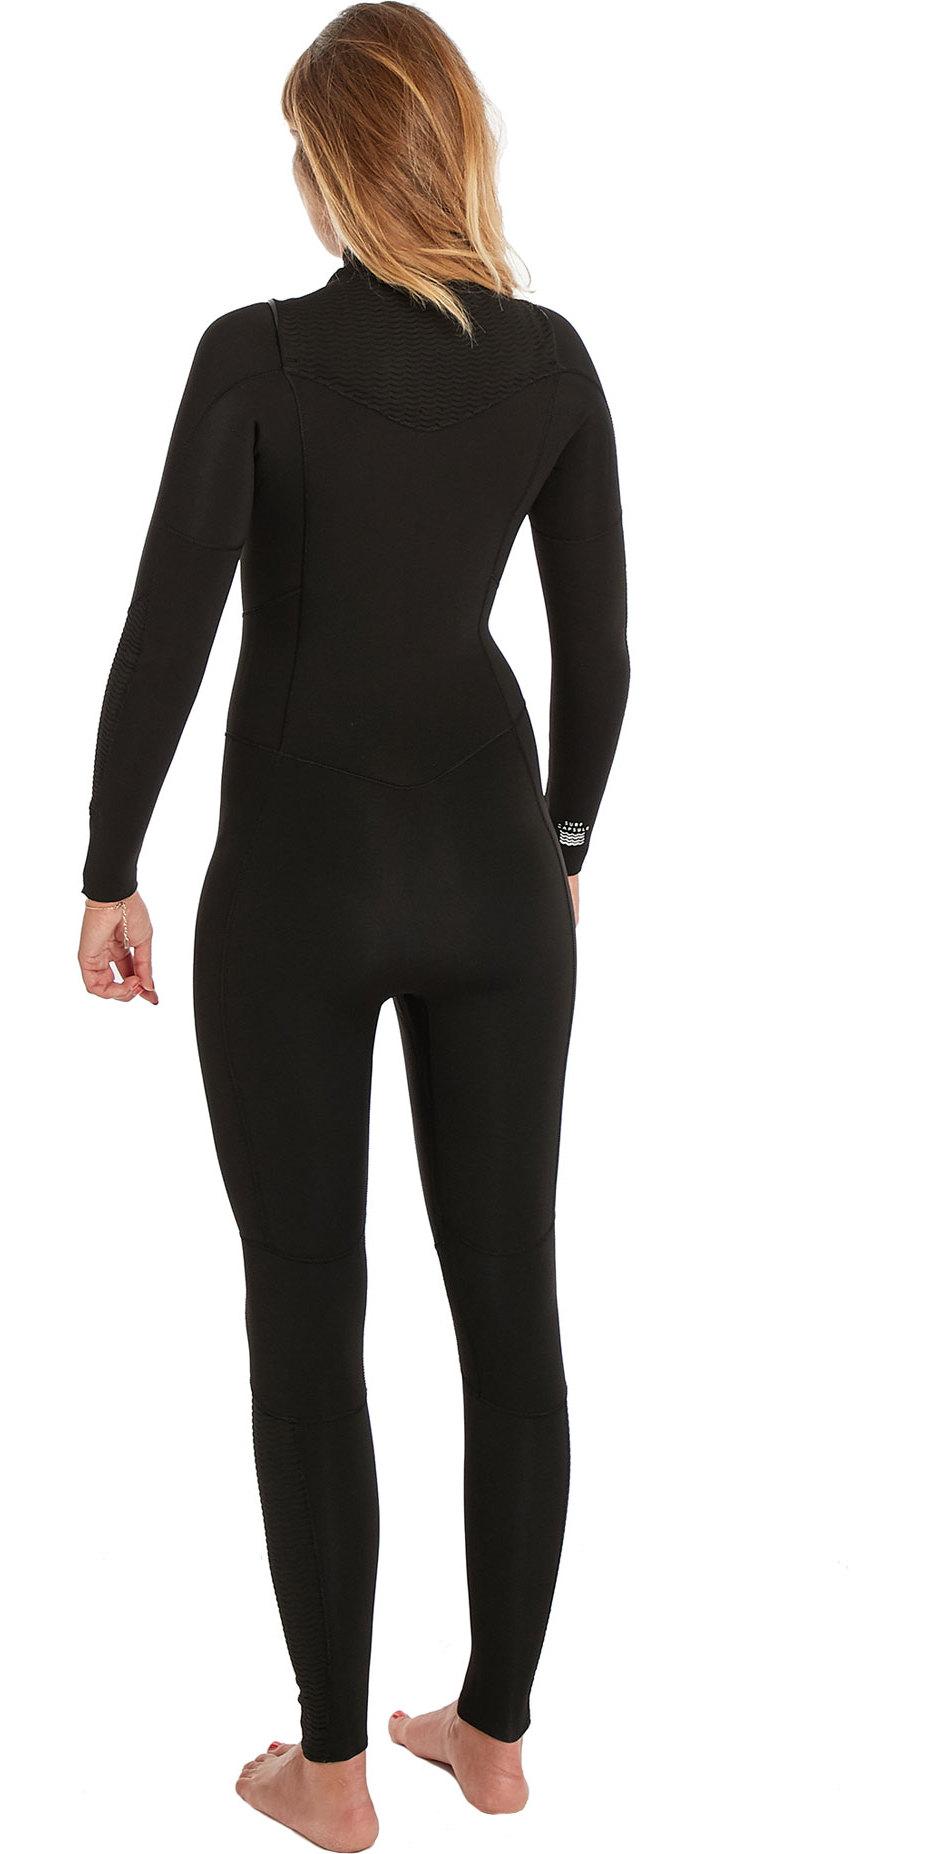 2019 Billabong Womens Salty Dayz 3 2mm Chest Zip Wetsuit Wave N43g30 ... 2d2fdaaaa